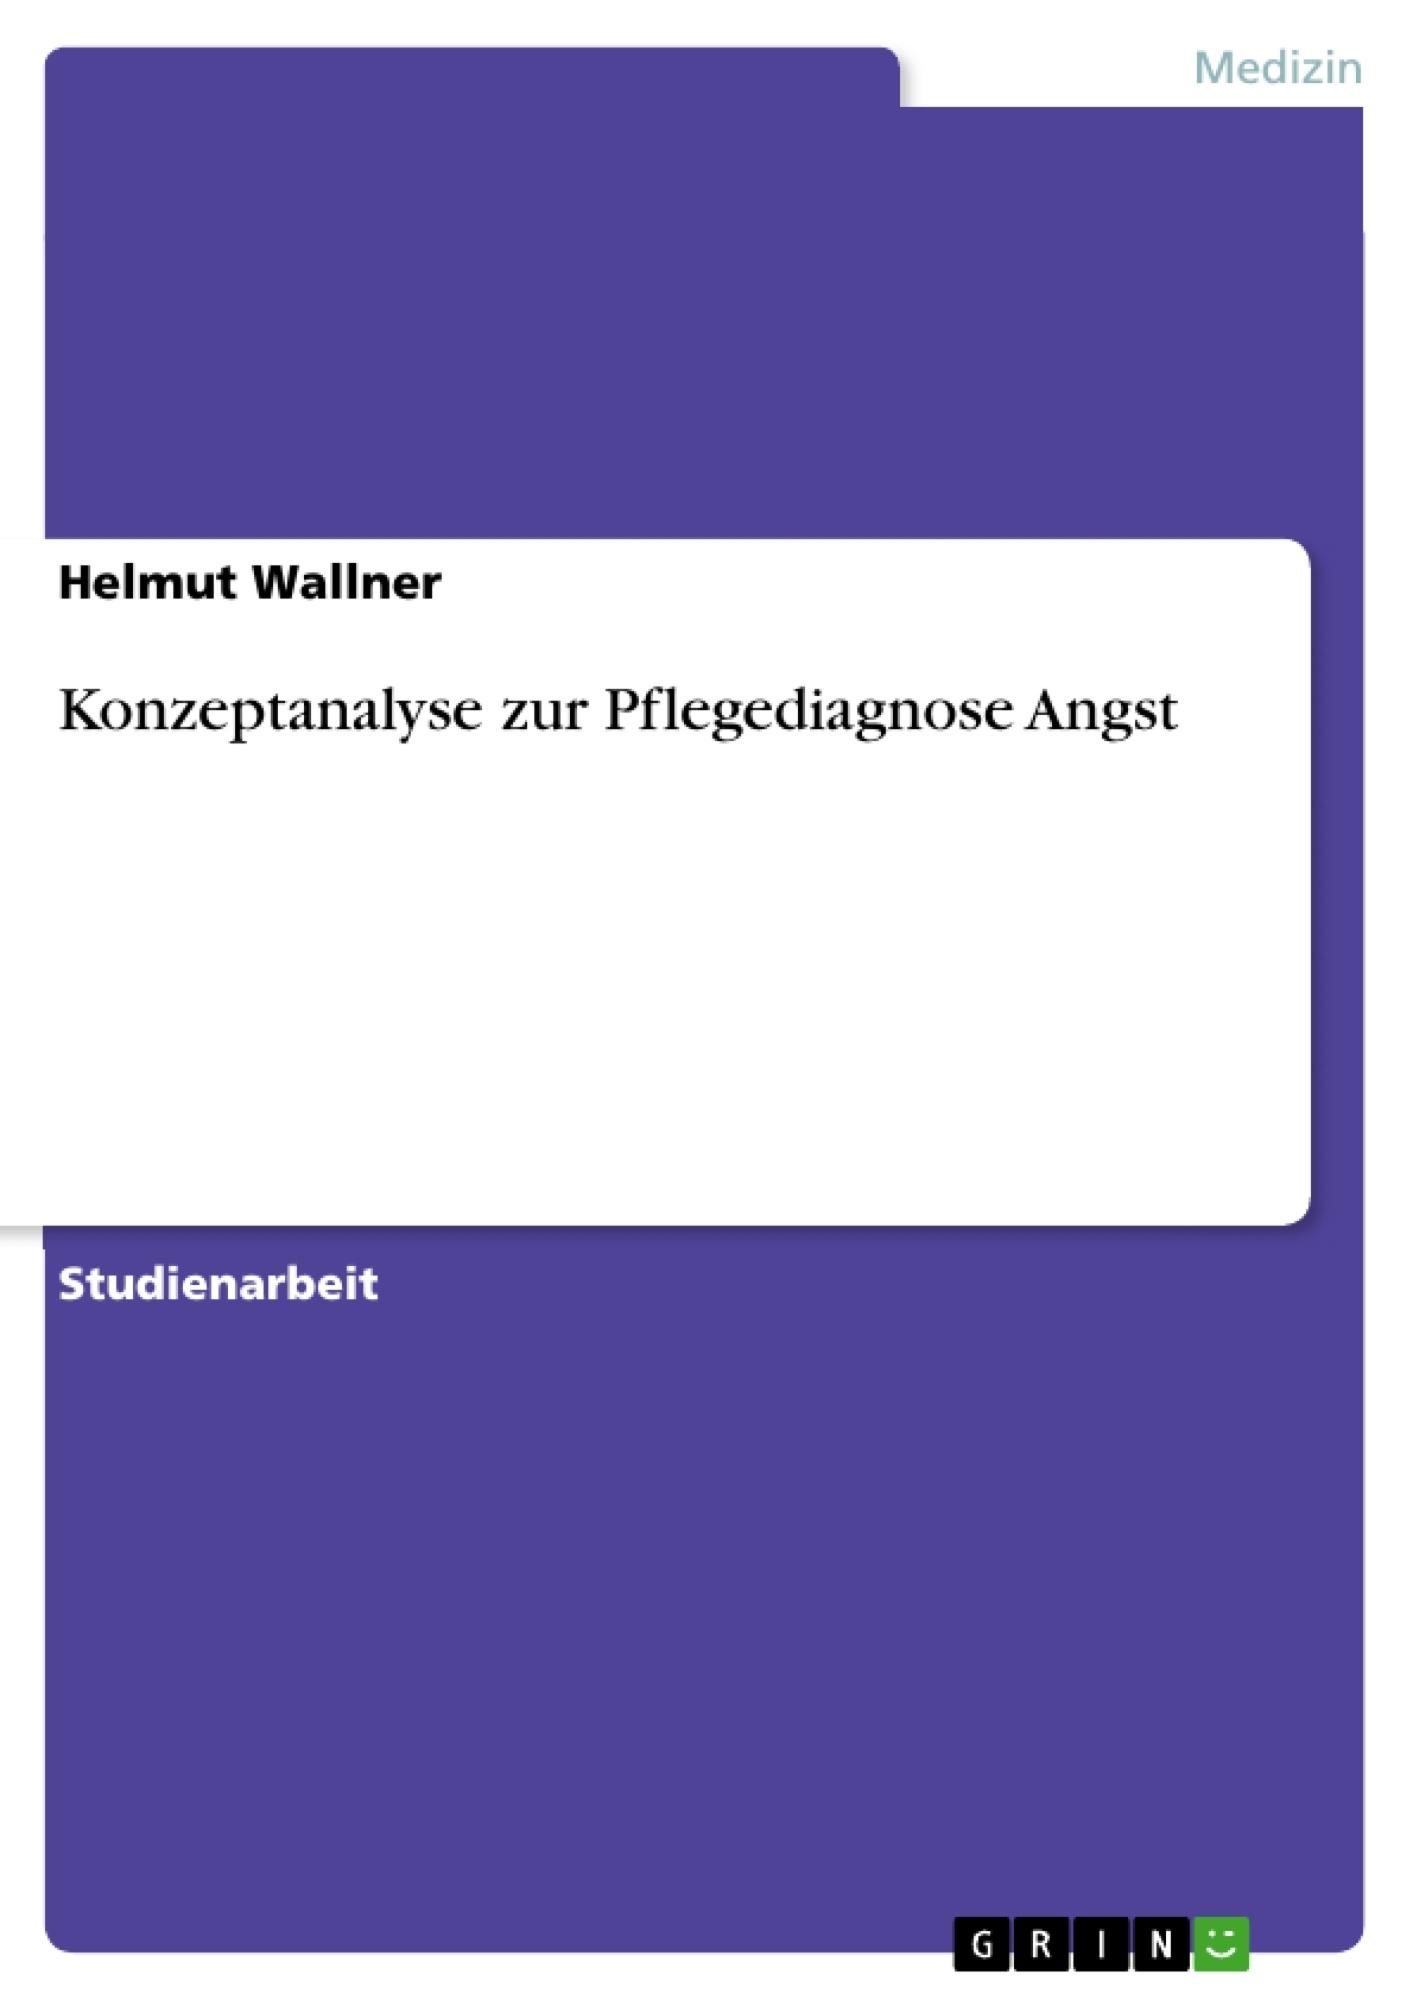 Titel: Konzeptanalyse zur Pflegediagnose Angst